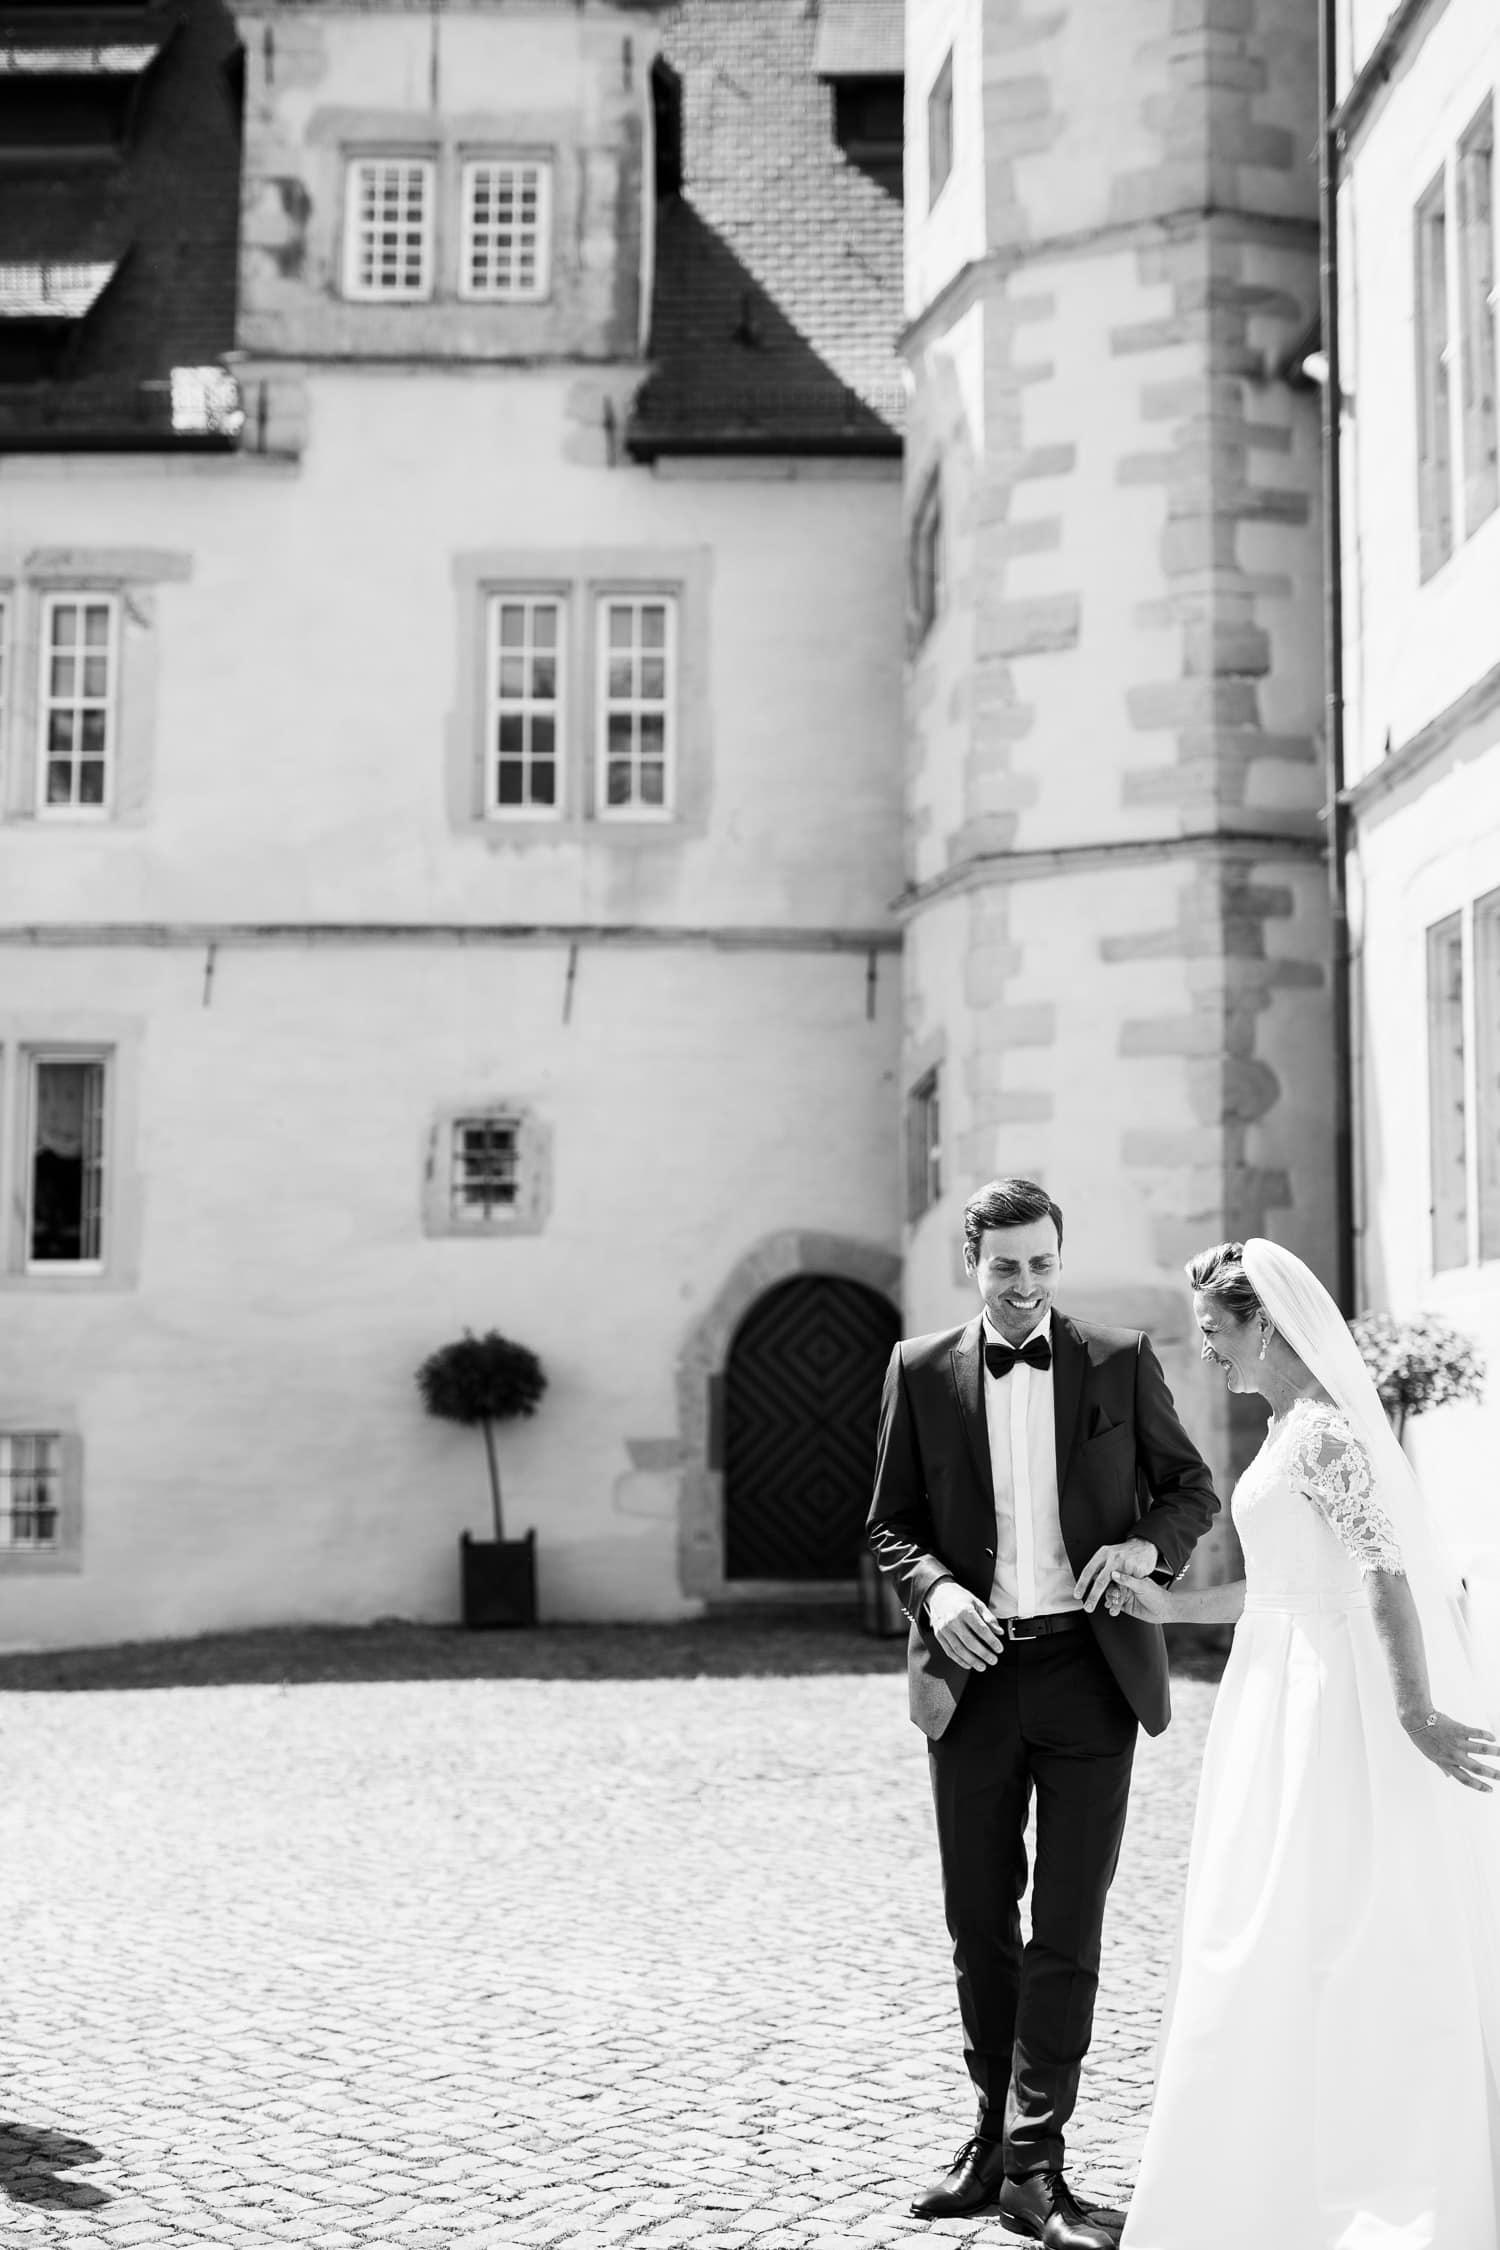 Julia-Benno-Hochzeitsreportage-38a Märchen-Hochzeit auf Schloss Schwöbber Hochzeitreportage